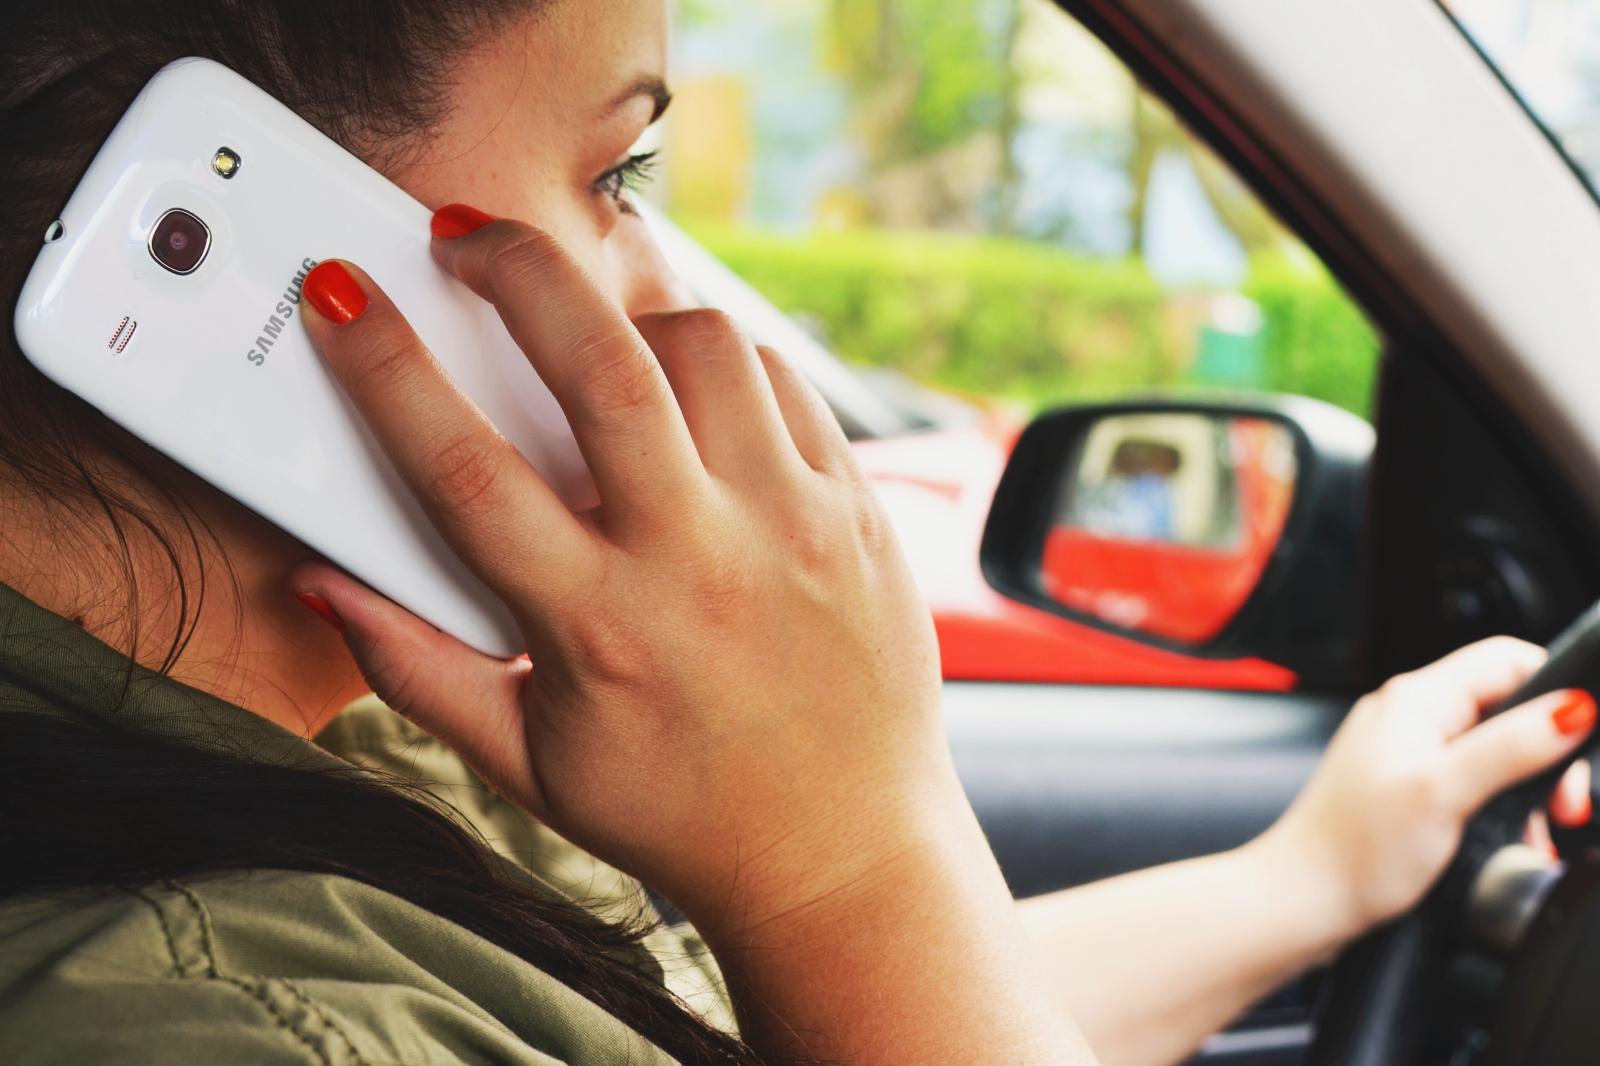 ¡Viaja segura! Tips para cuando conduces sola